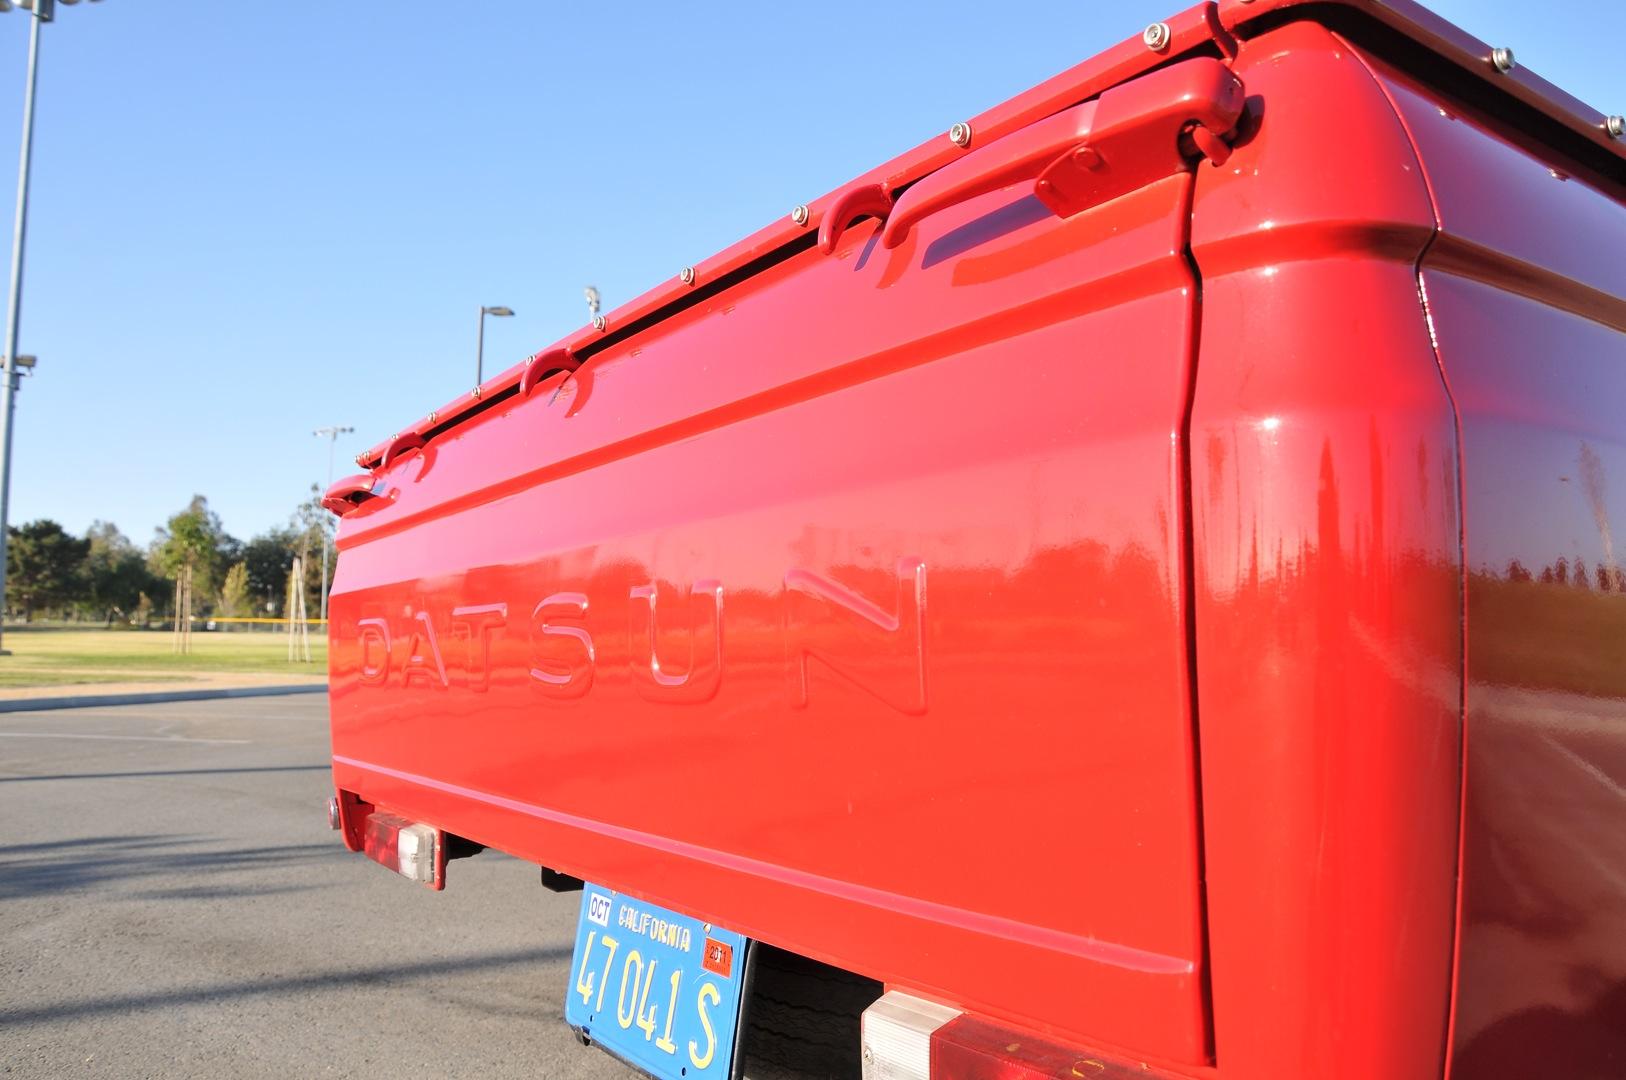 1969 Datsun 521 truck, rear liftgate, Datsun bed hooks